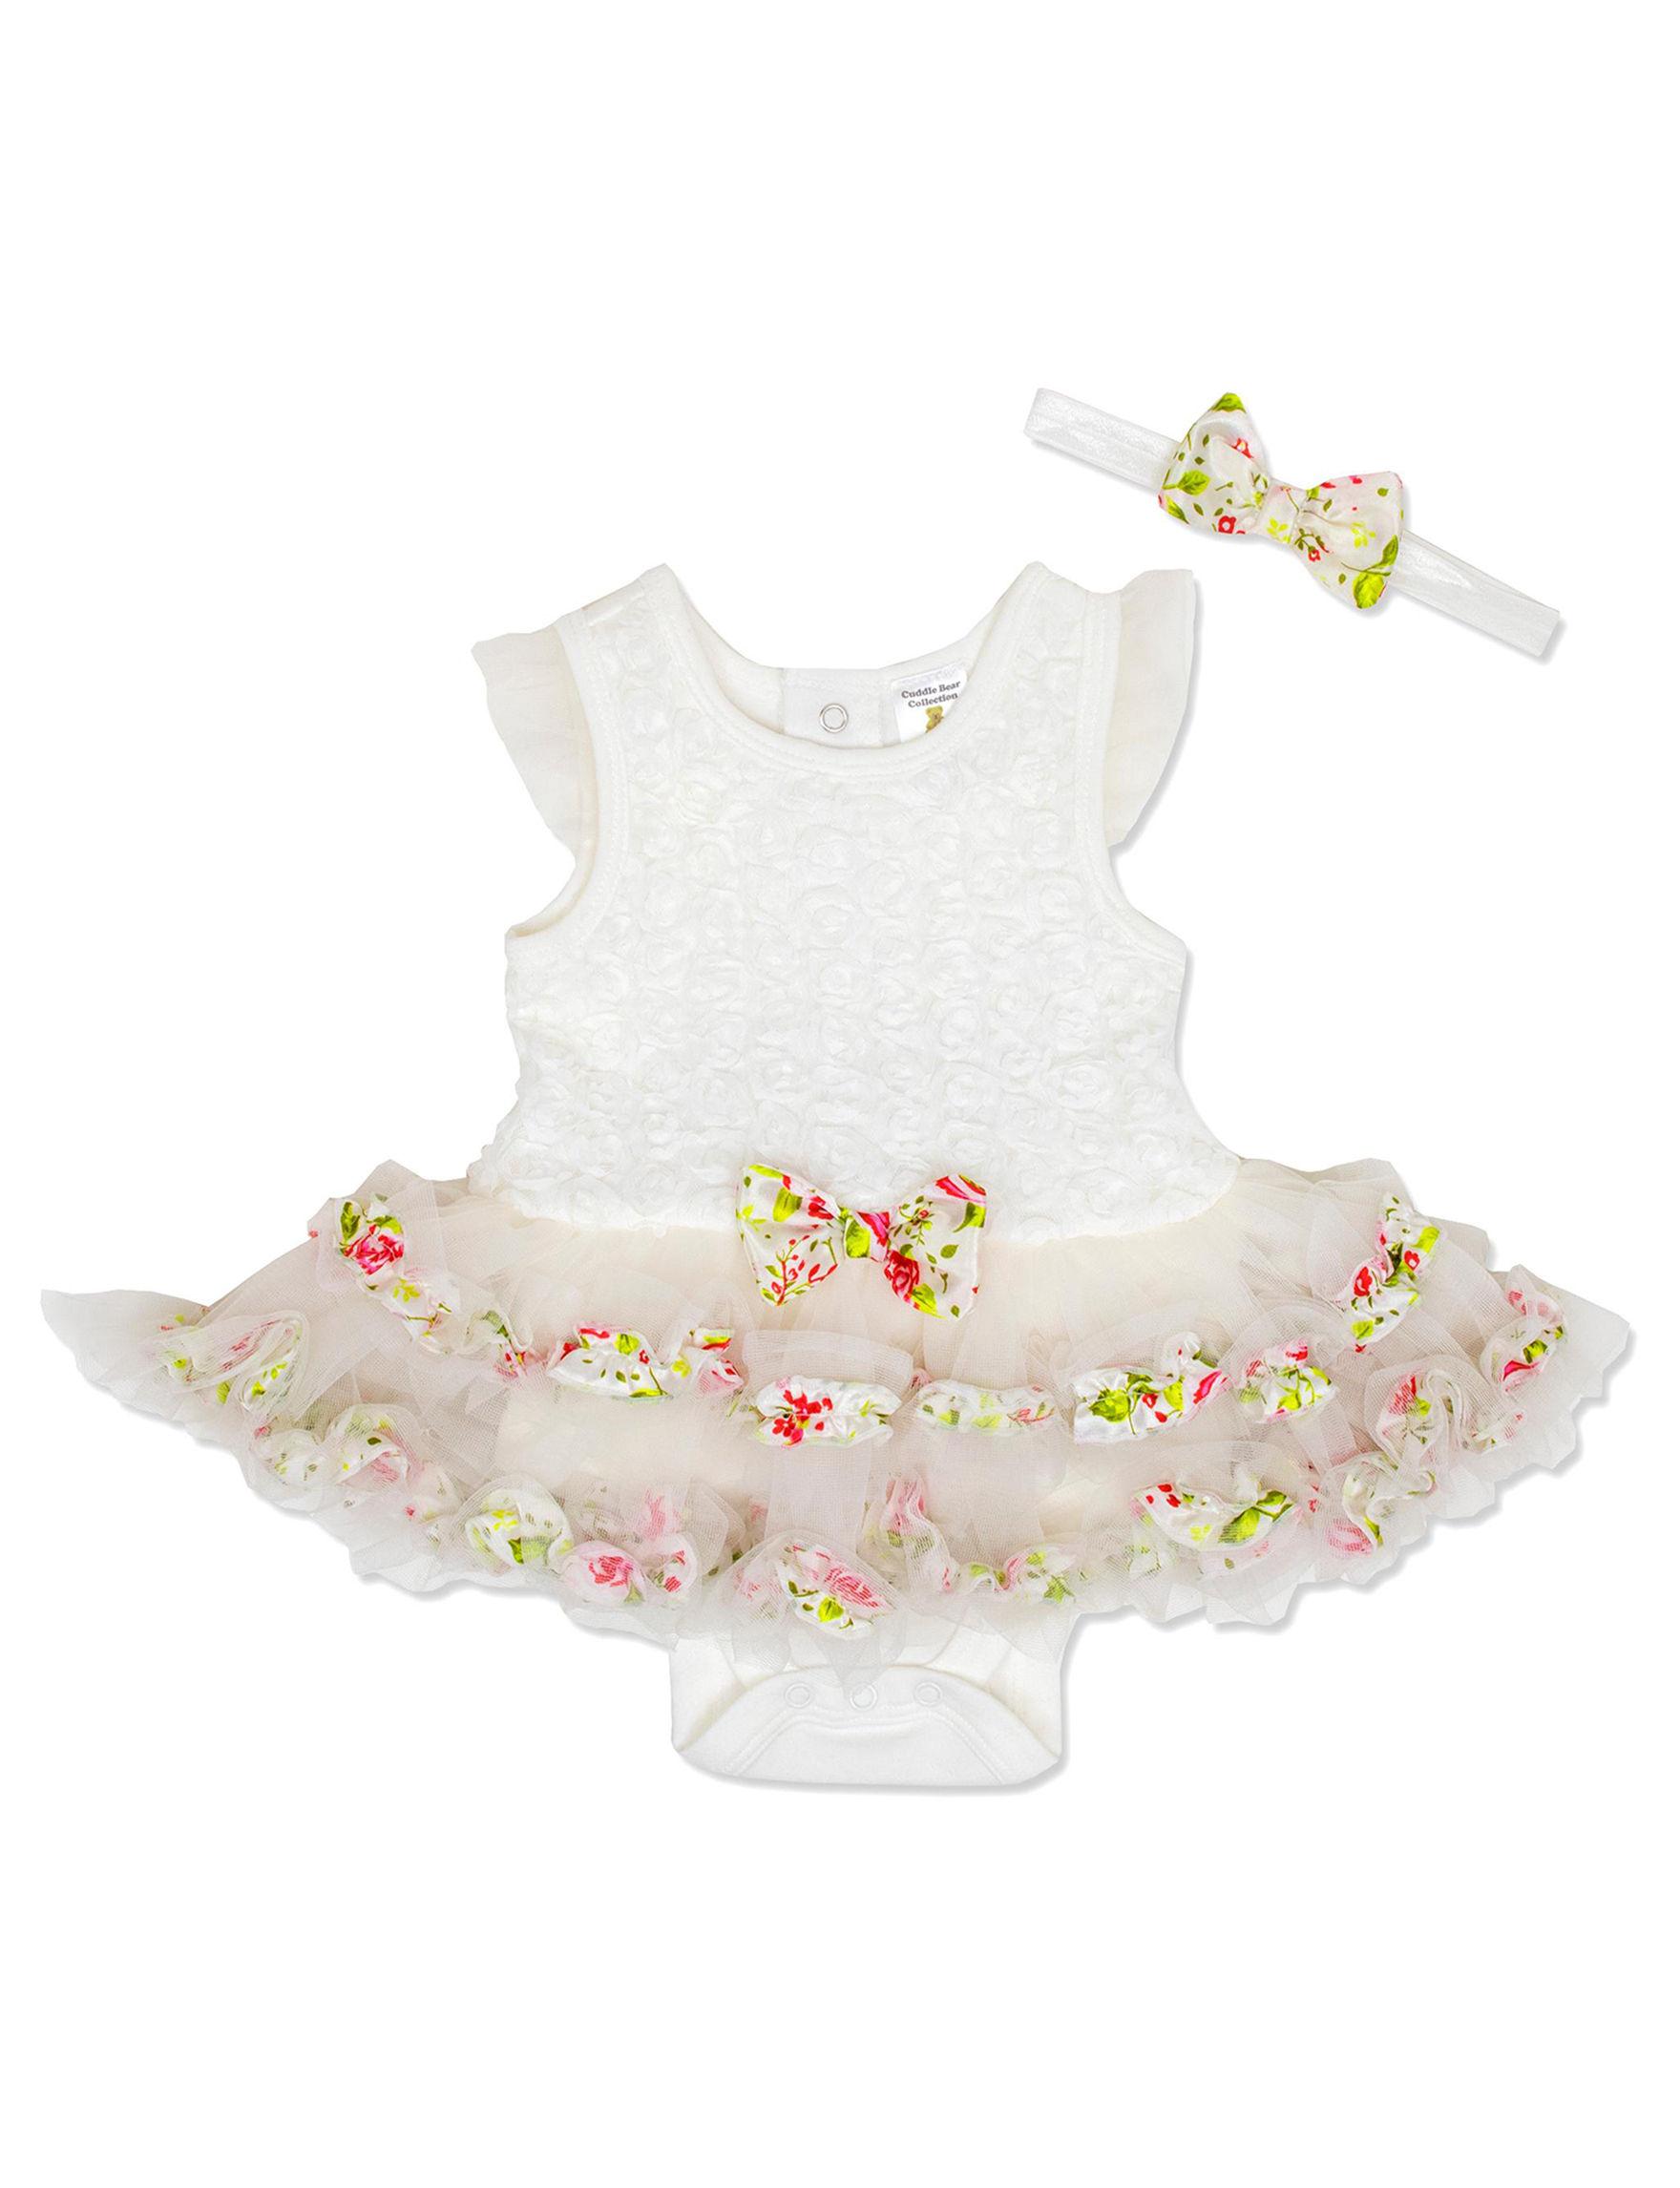 Baby Essentials Ivory Beige